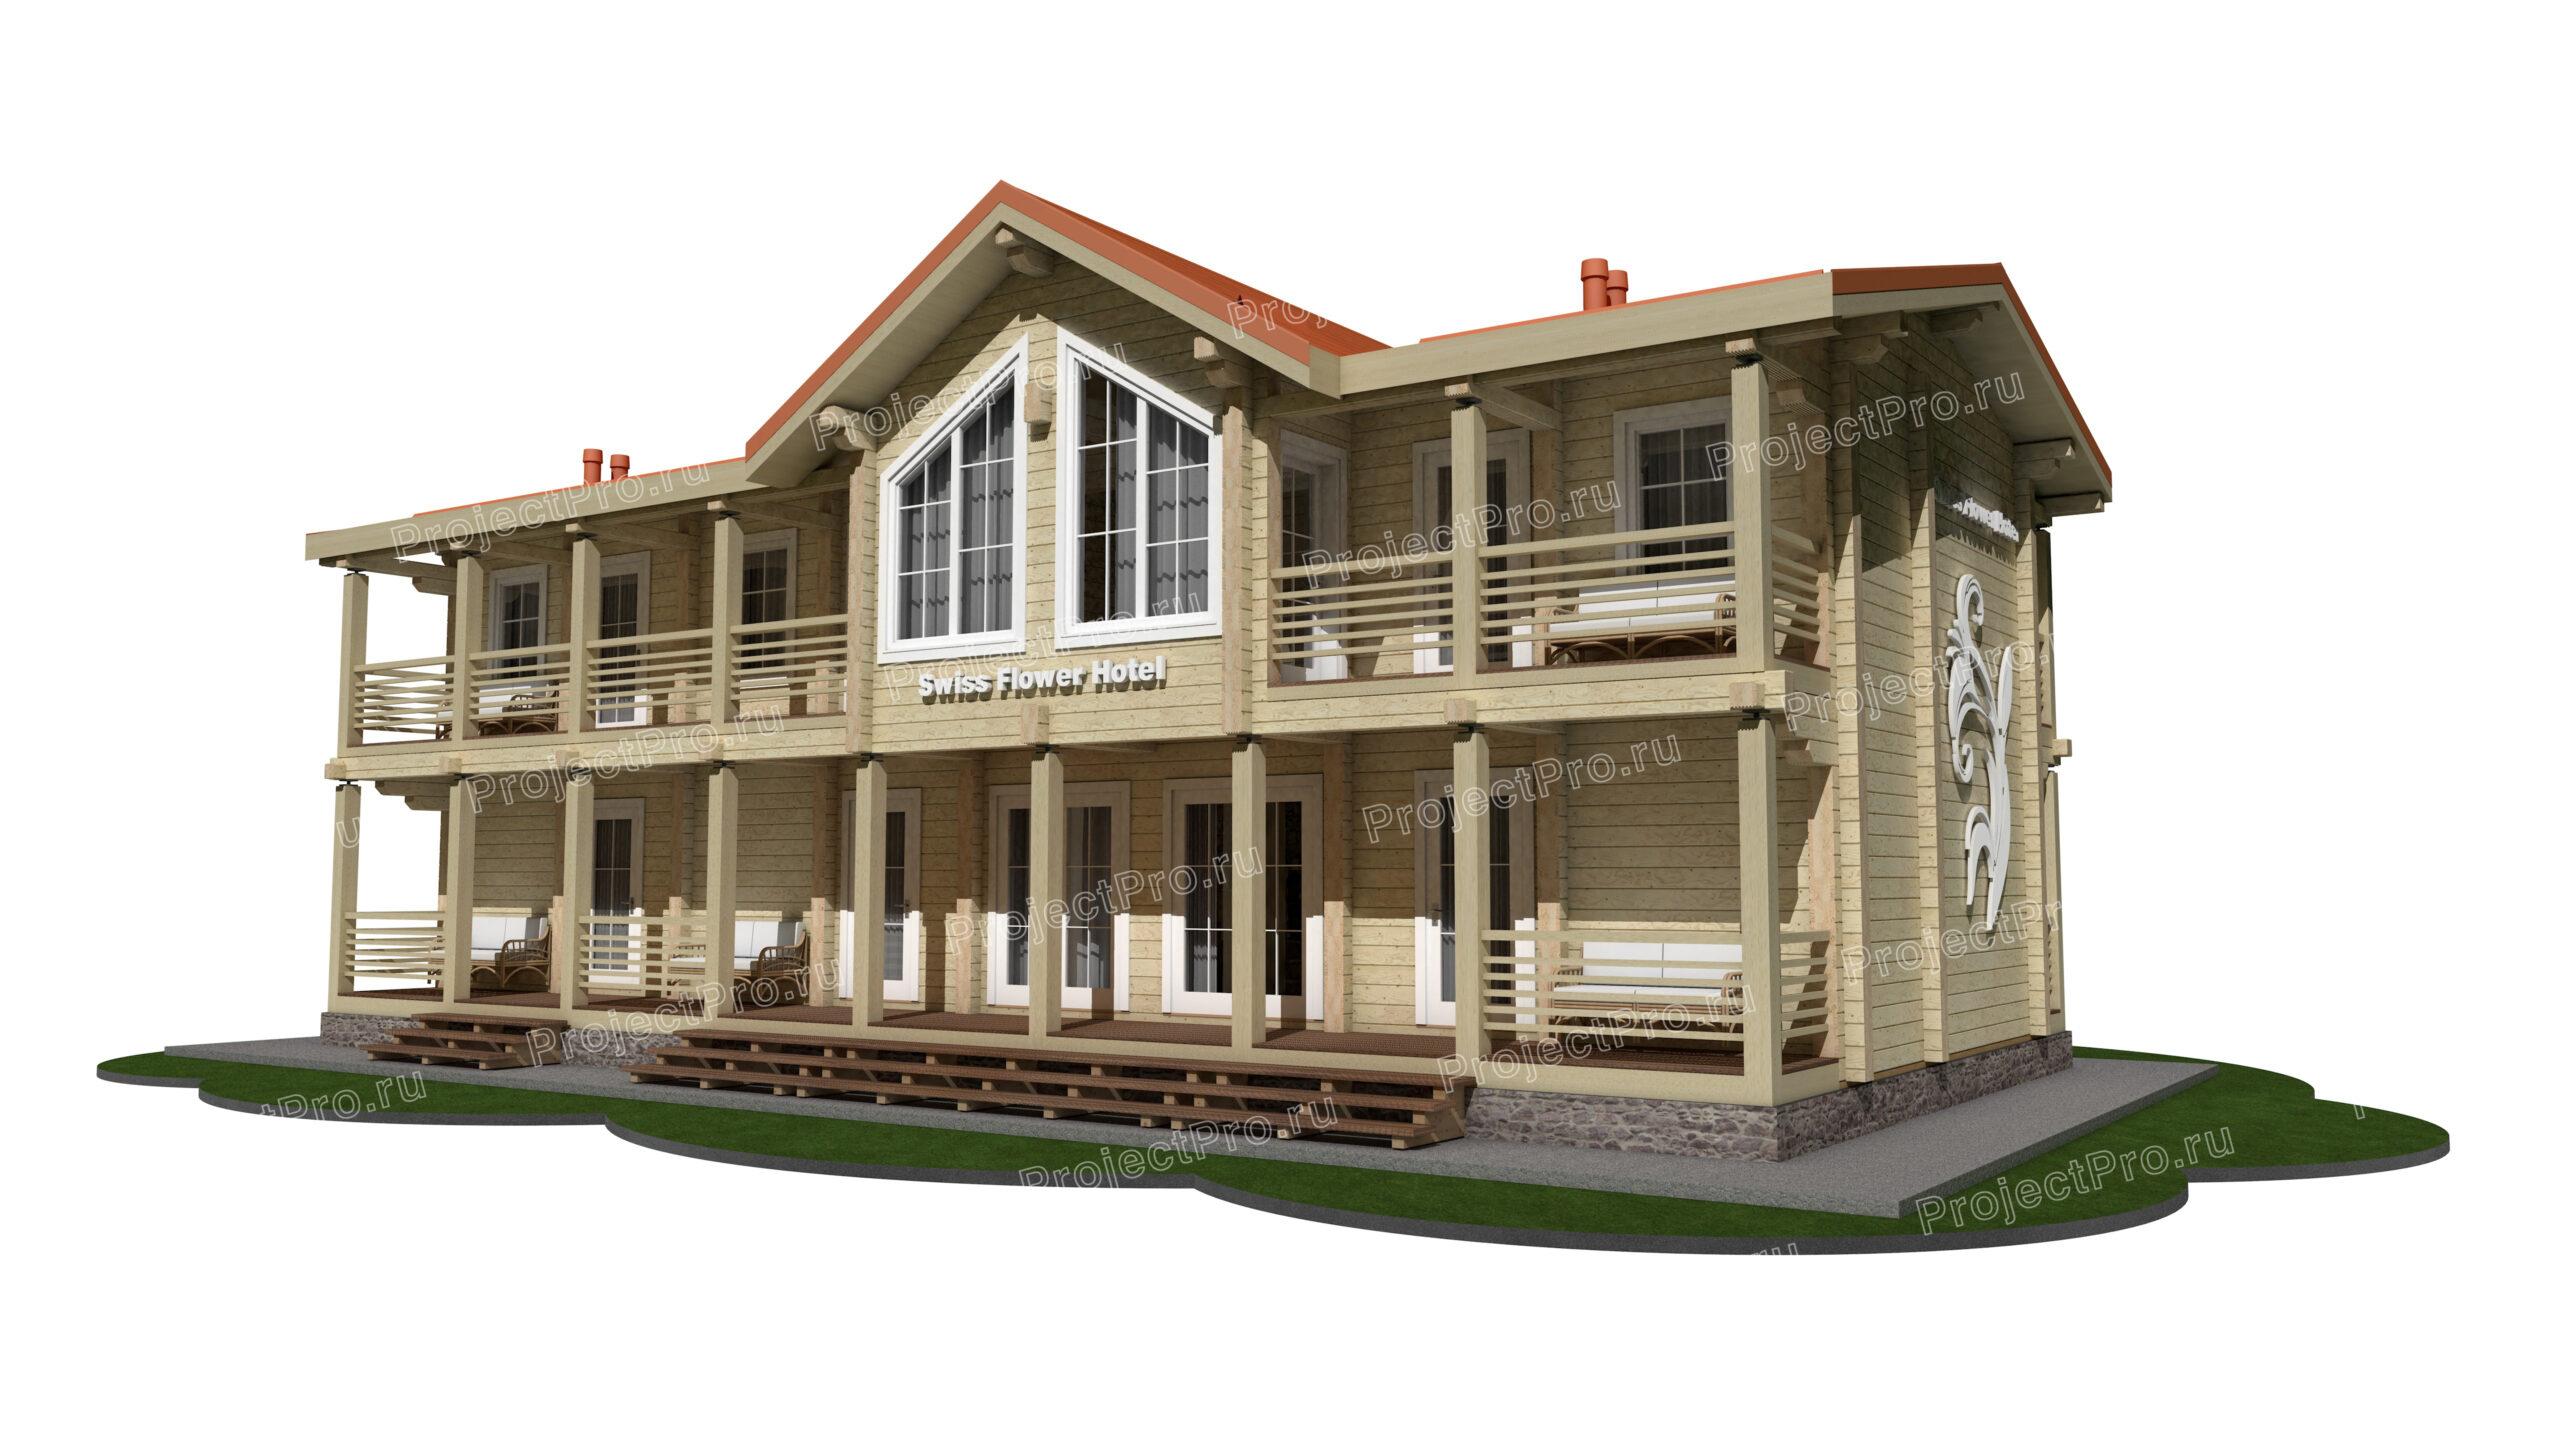 Проект небольшого отеля в горах из бруса клееного